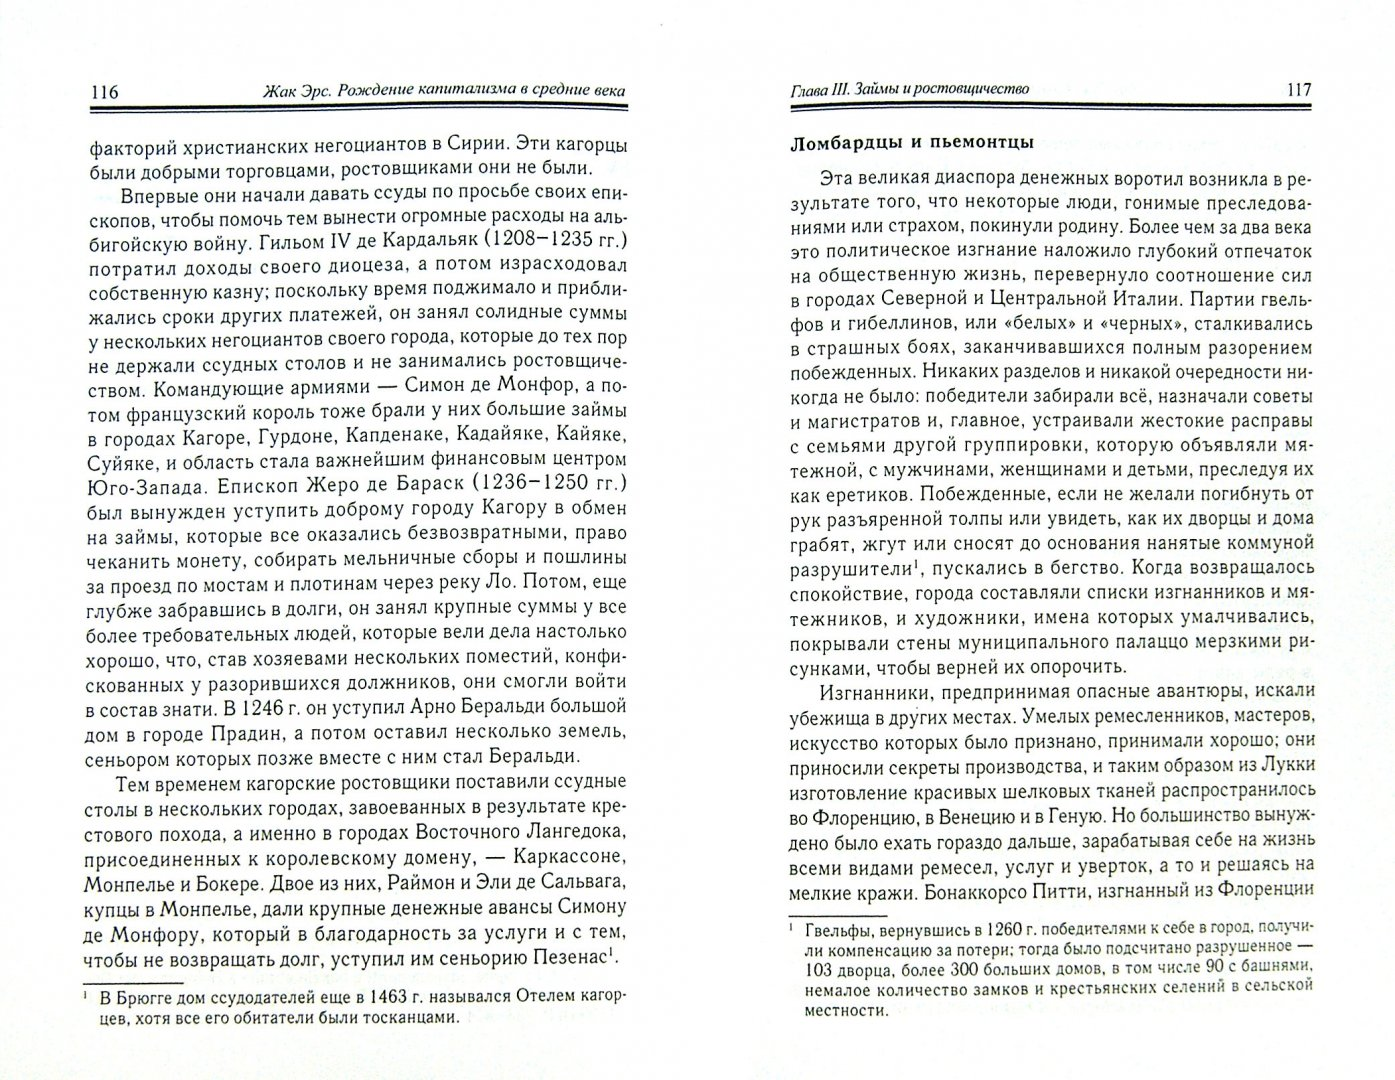 Иллюстрация 1 из 13 для Рождение капитализма в средние века: менялы, ростовщики и крупные финансисты - Жак Эрс | Лабиринт - книги. Источник: Лабиринт